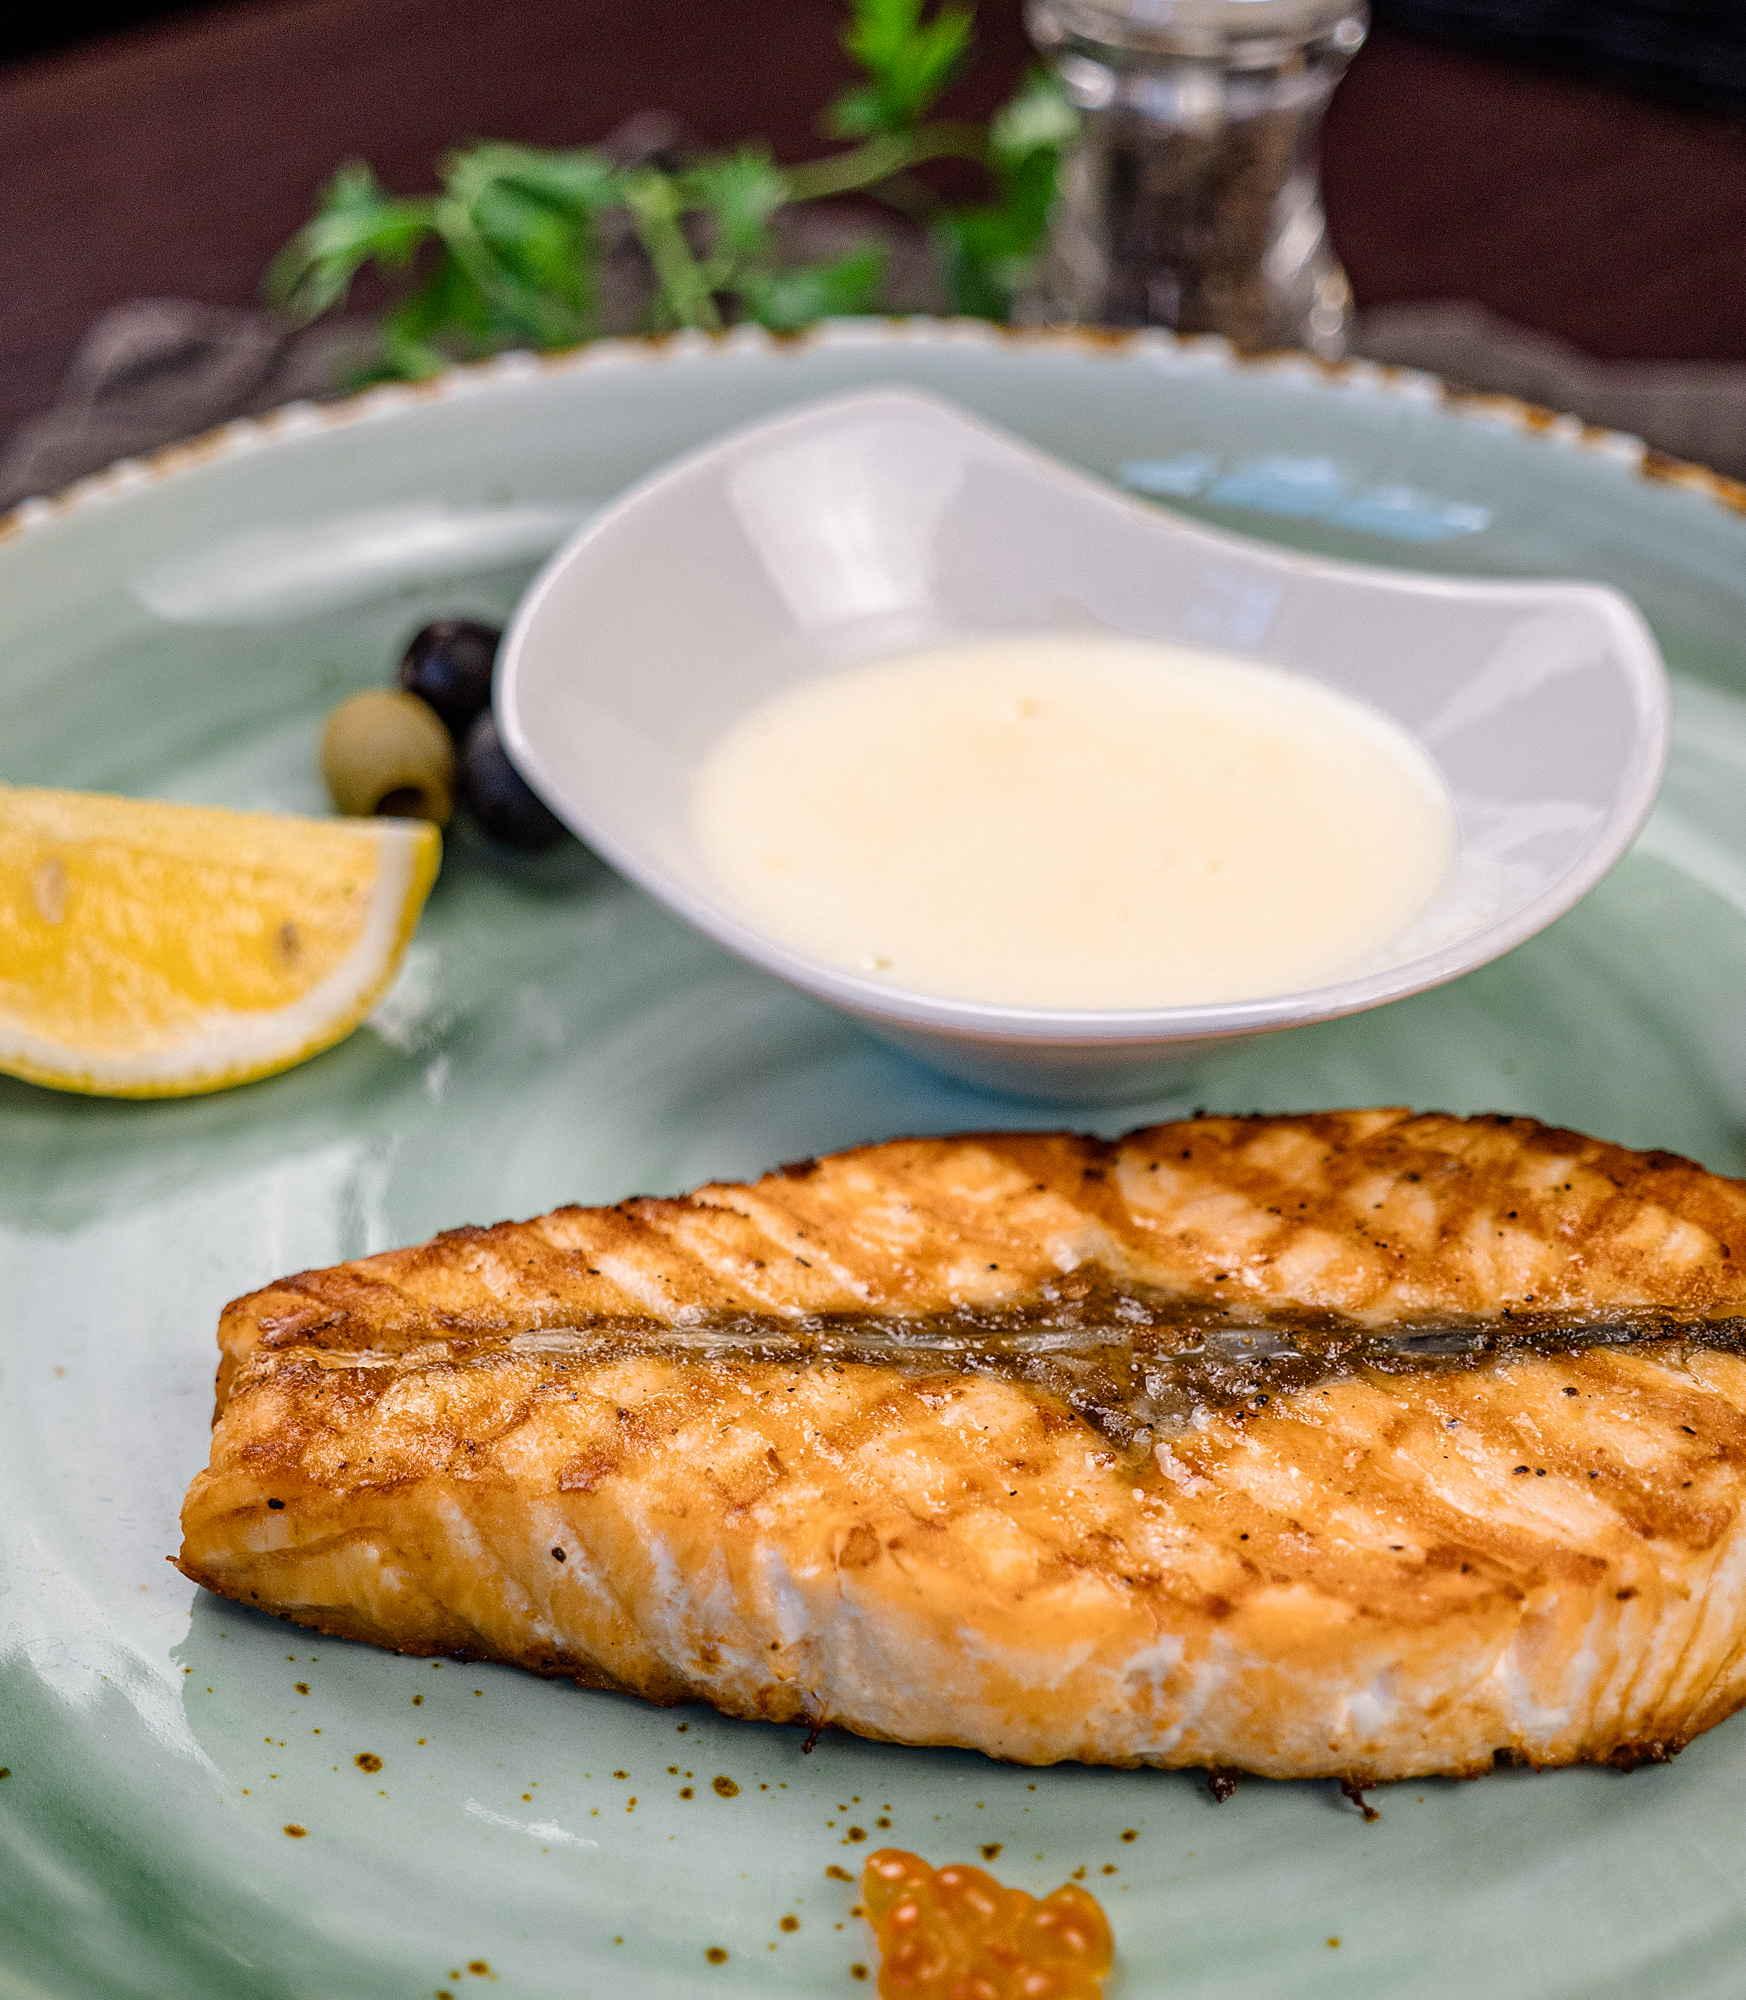 Лосось под сливочно-икорным соусом доставка в Орле ресторан Лабиринт